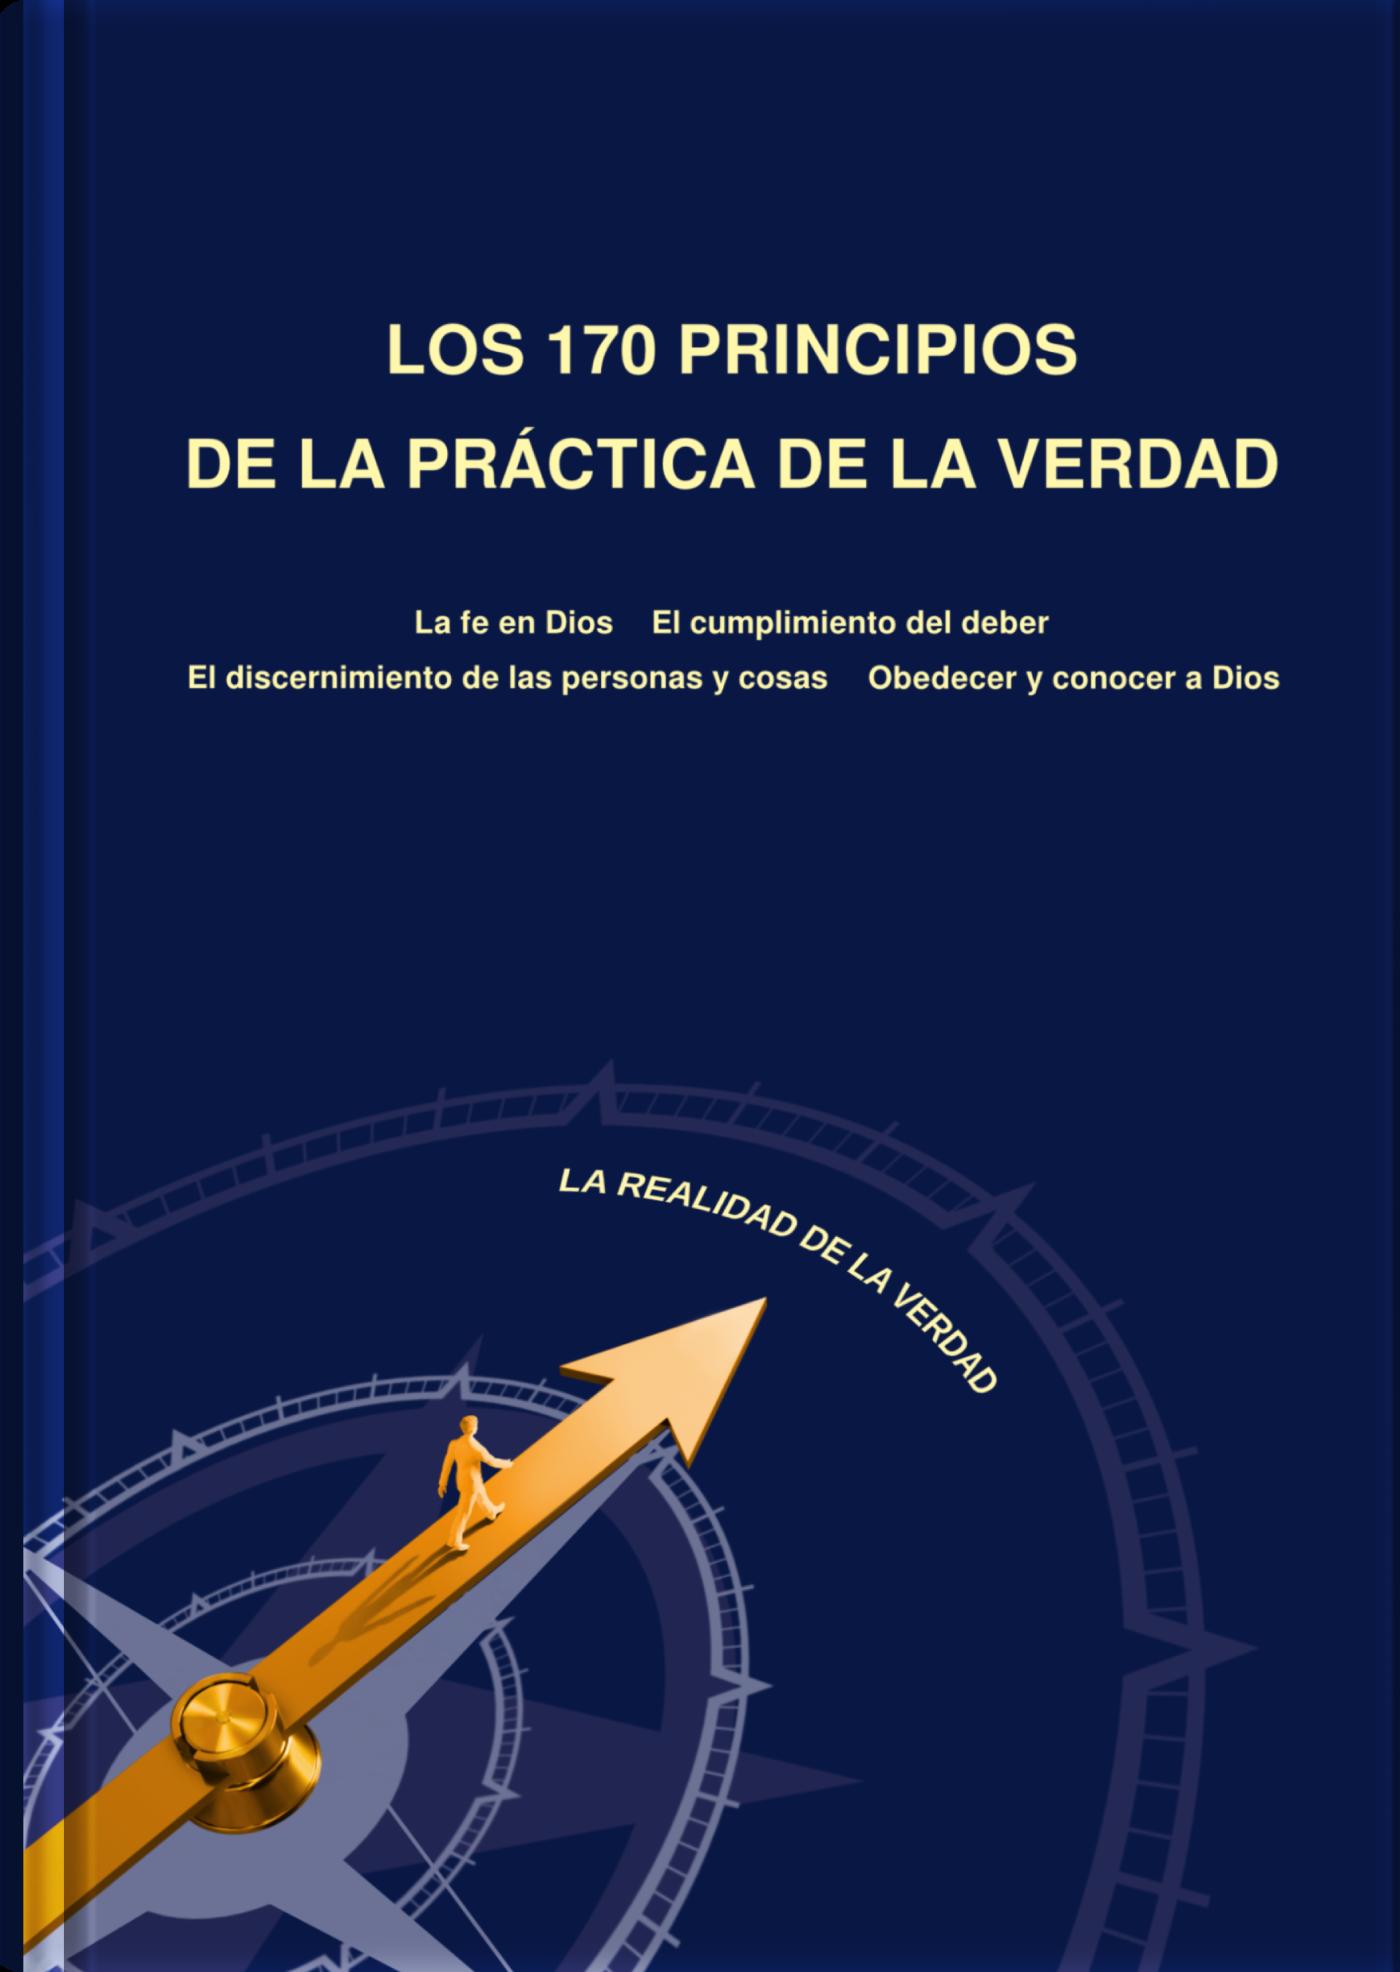 Los 170 principios de la práctica de la verdad